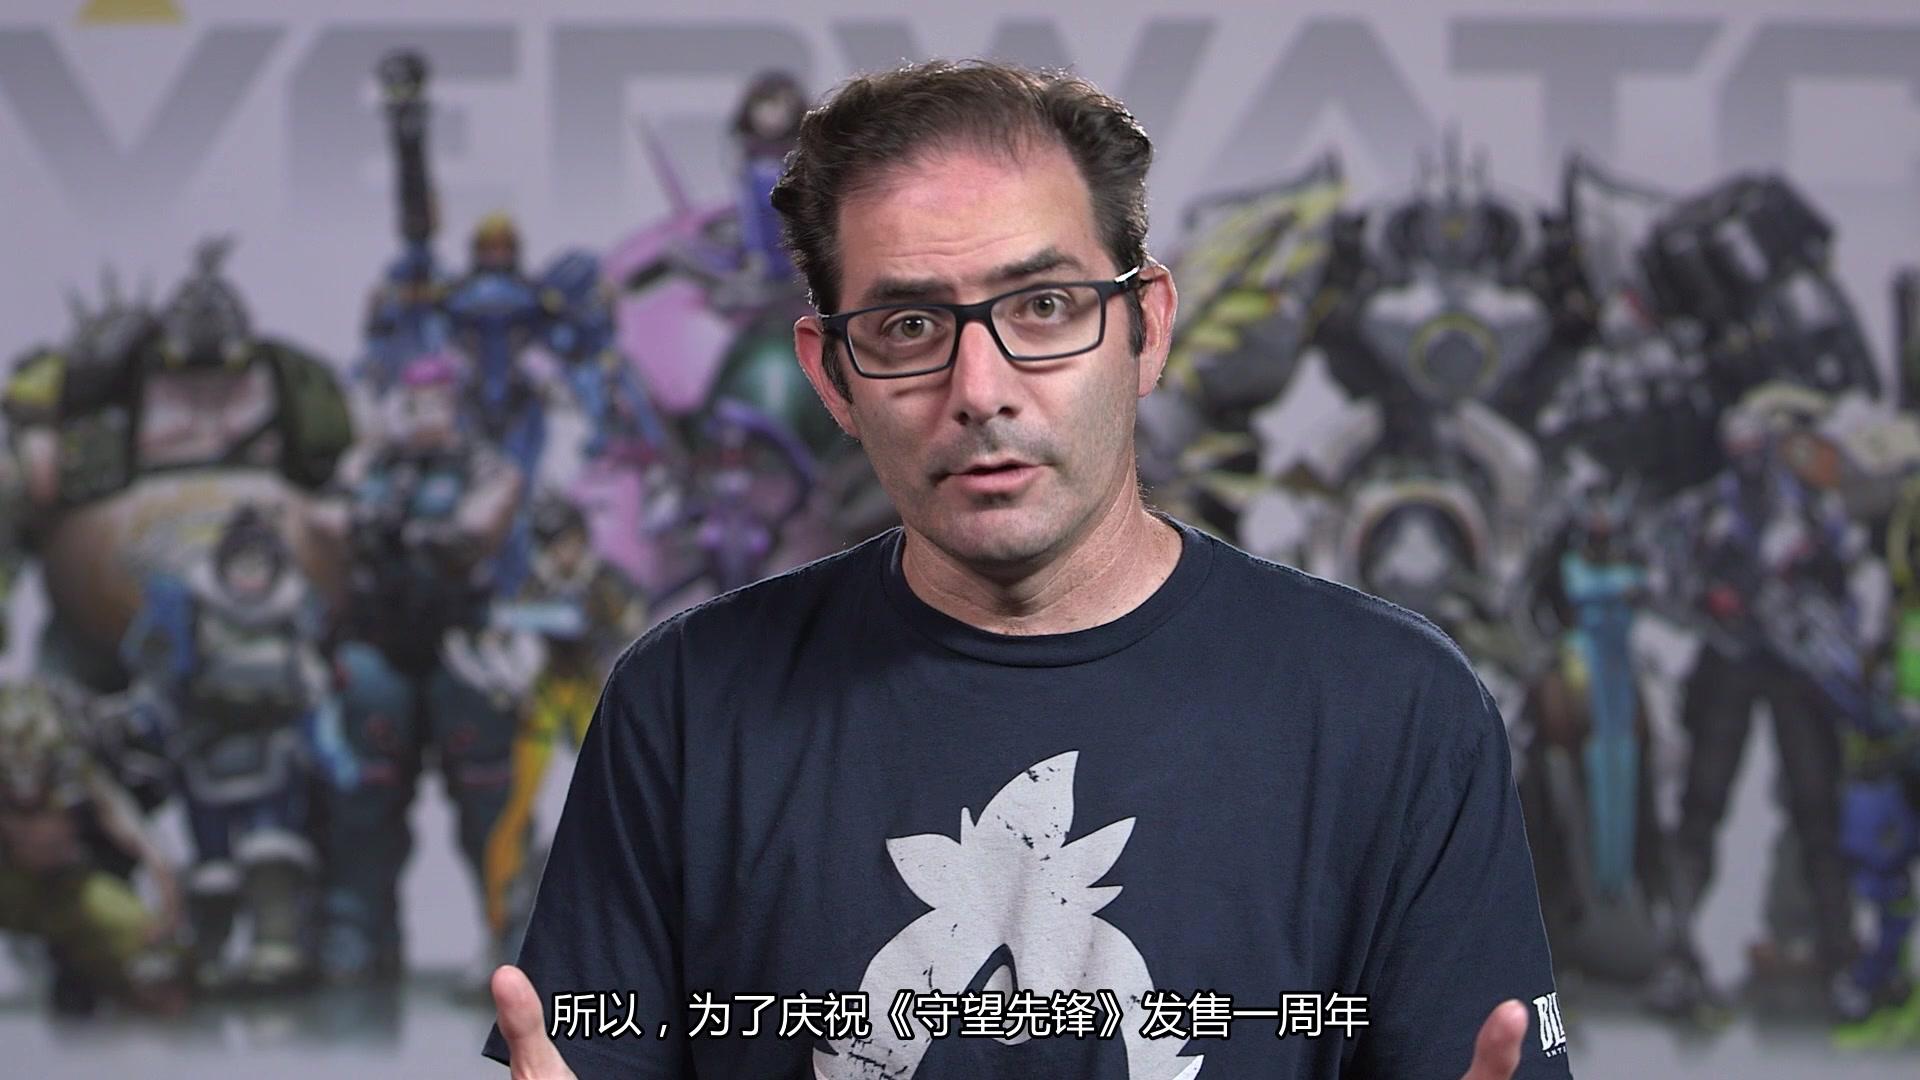 《守望先锋》开发者访谈